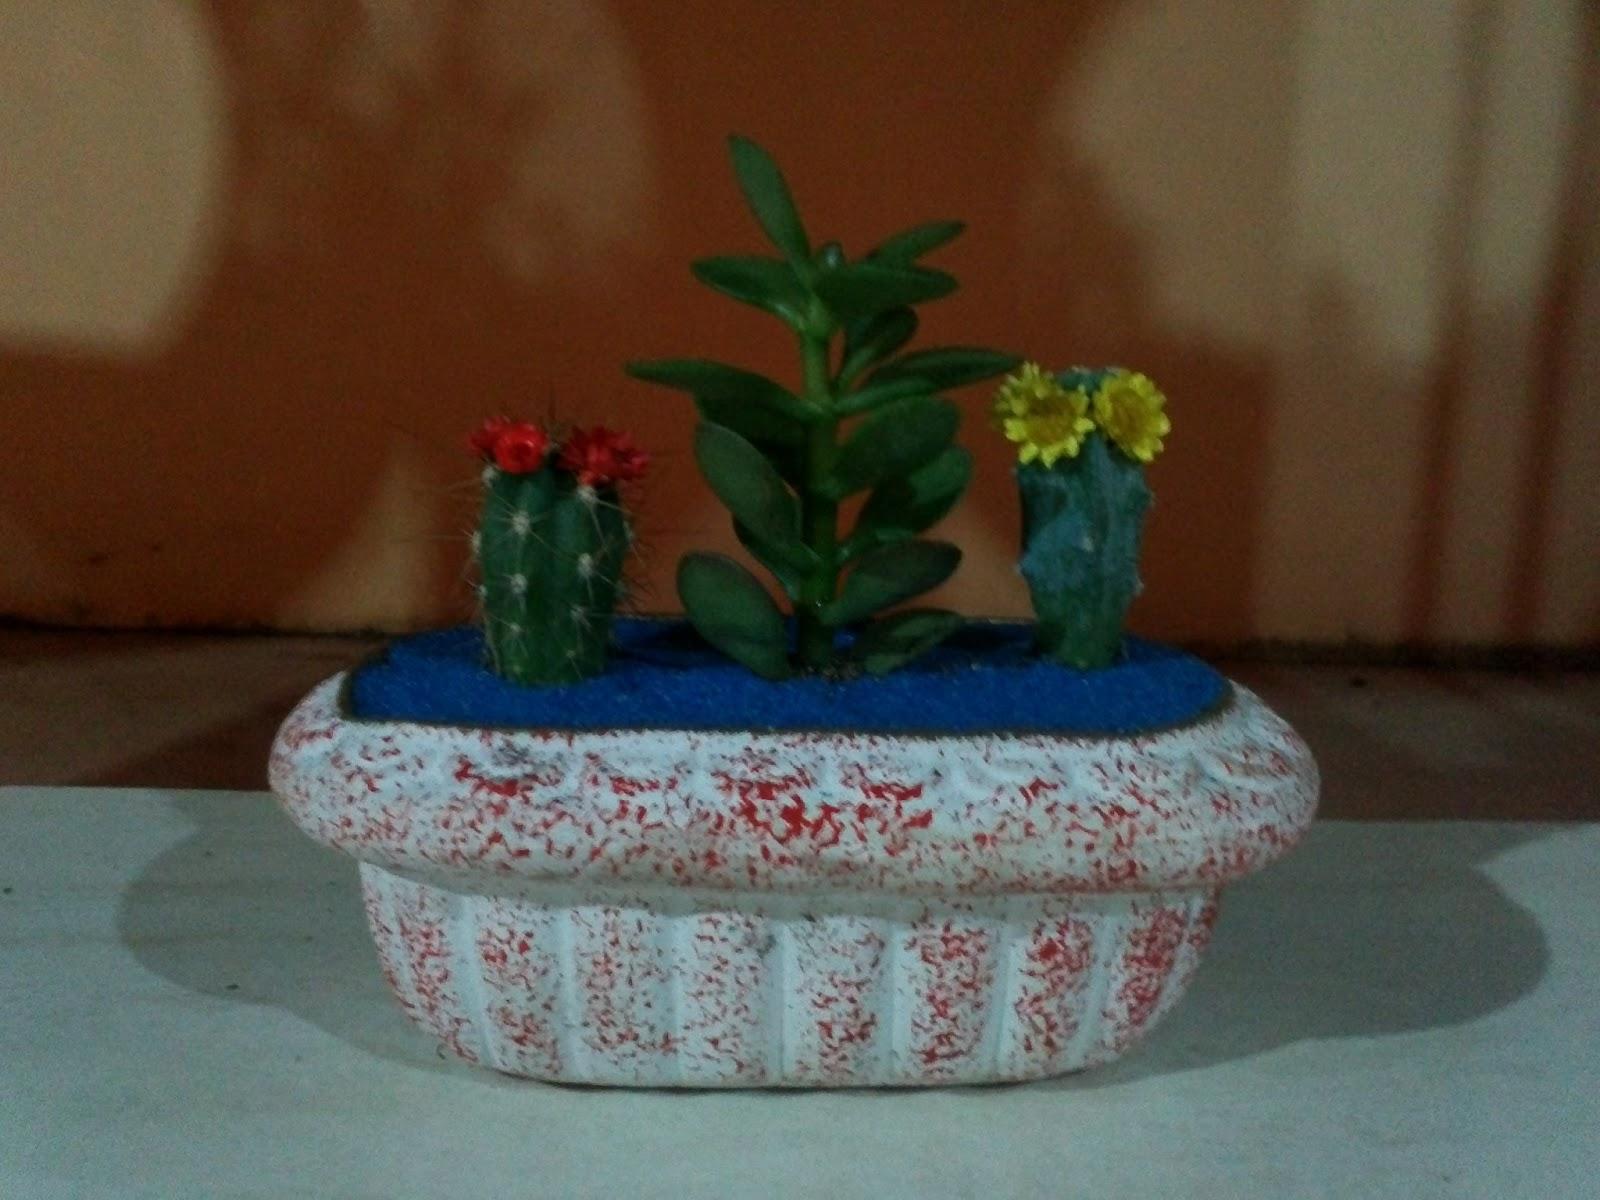 mini jardins em vaso:Inovando com Cactos e Suculentas.: Mini Jardim em vaso de cerâmica.